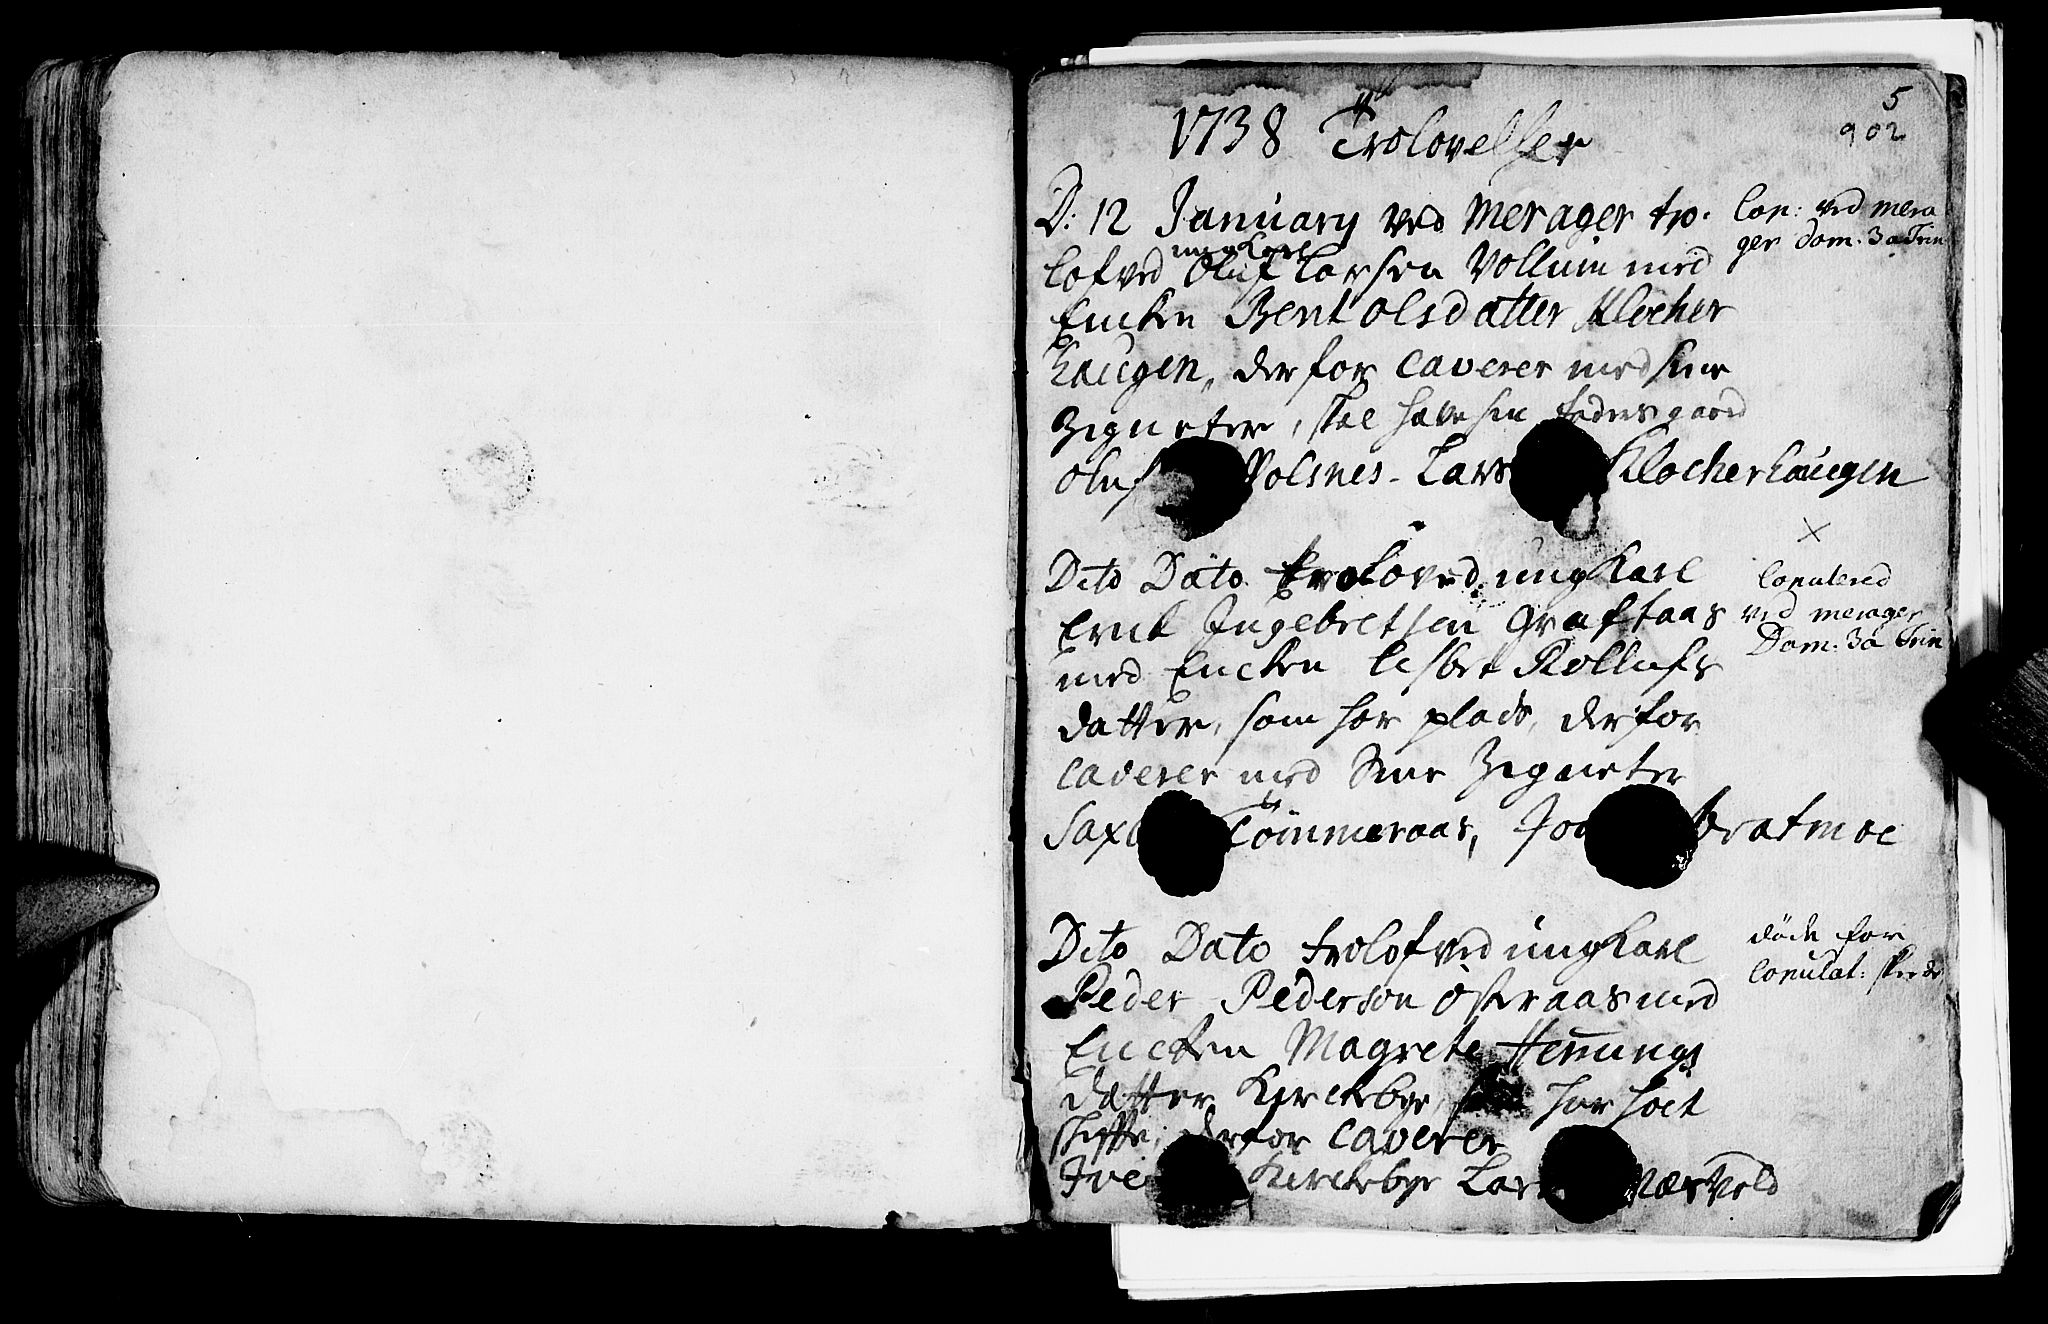 SAT, Ministerialprotokoller, klokkerbøker og fødselsregistre - Nord-Trøndelag, 709/L0055: Ministerialbok nr. 709A03, 1730-1739, s. 901-902